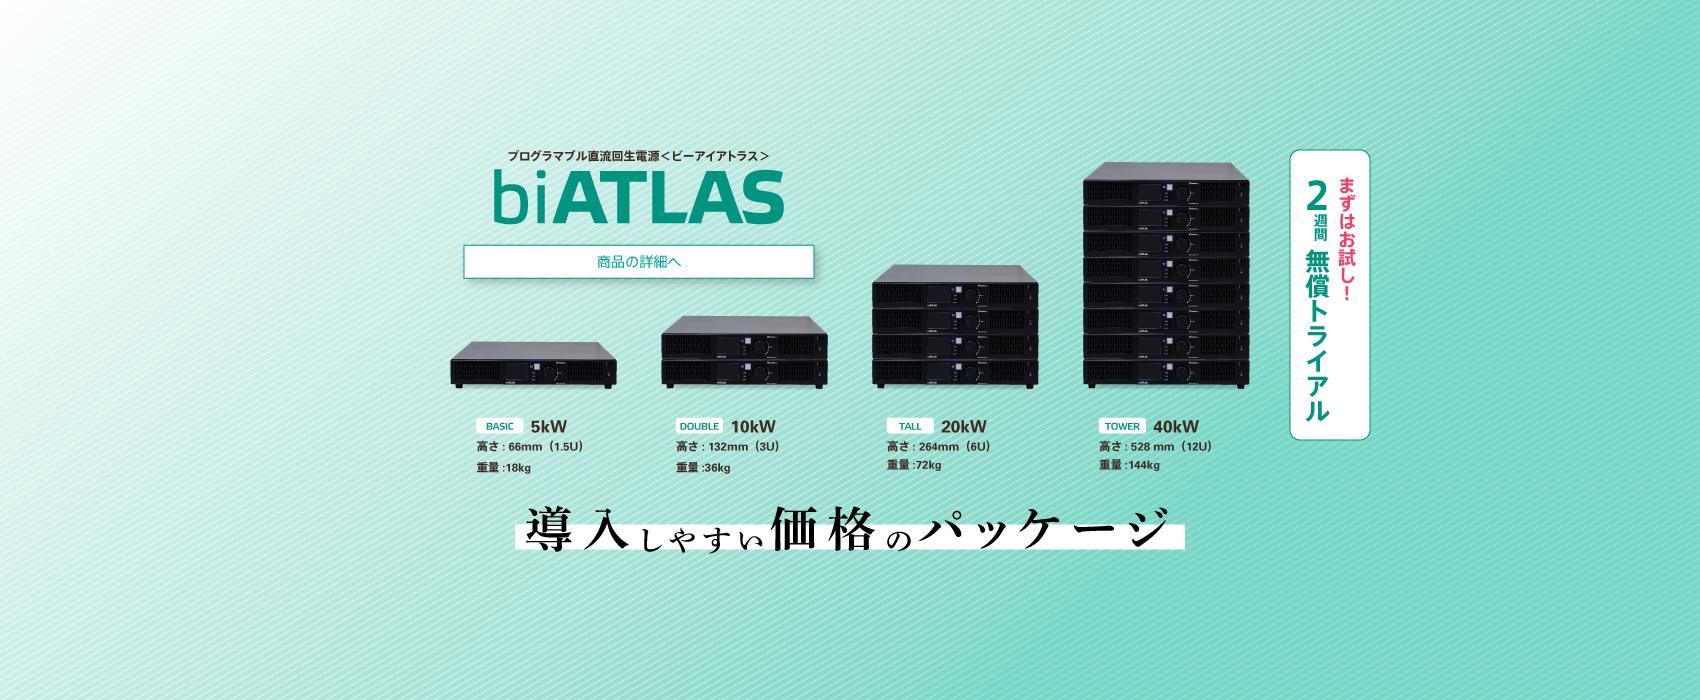 直流回生電源biATLAS:5kW,10kW,20kW,40kWのパッケージ製品ラインナップ